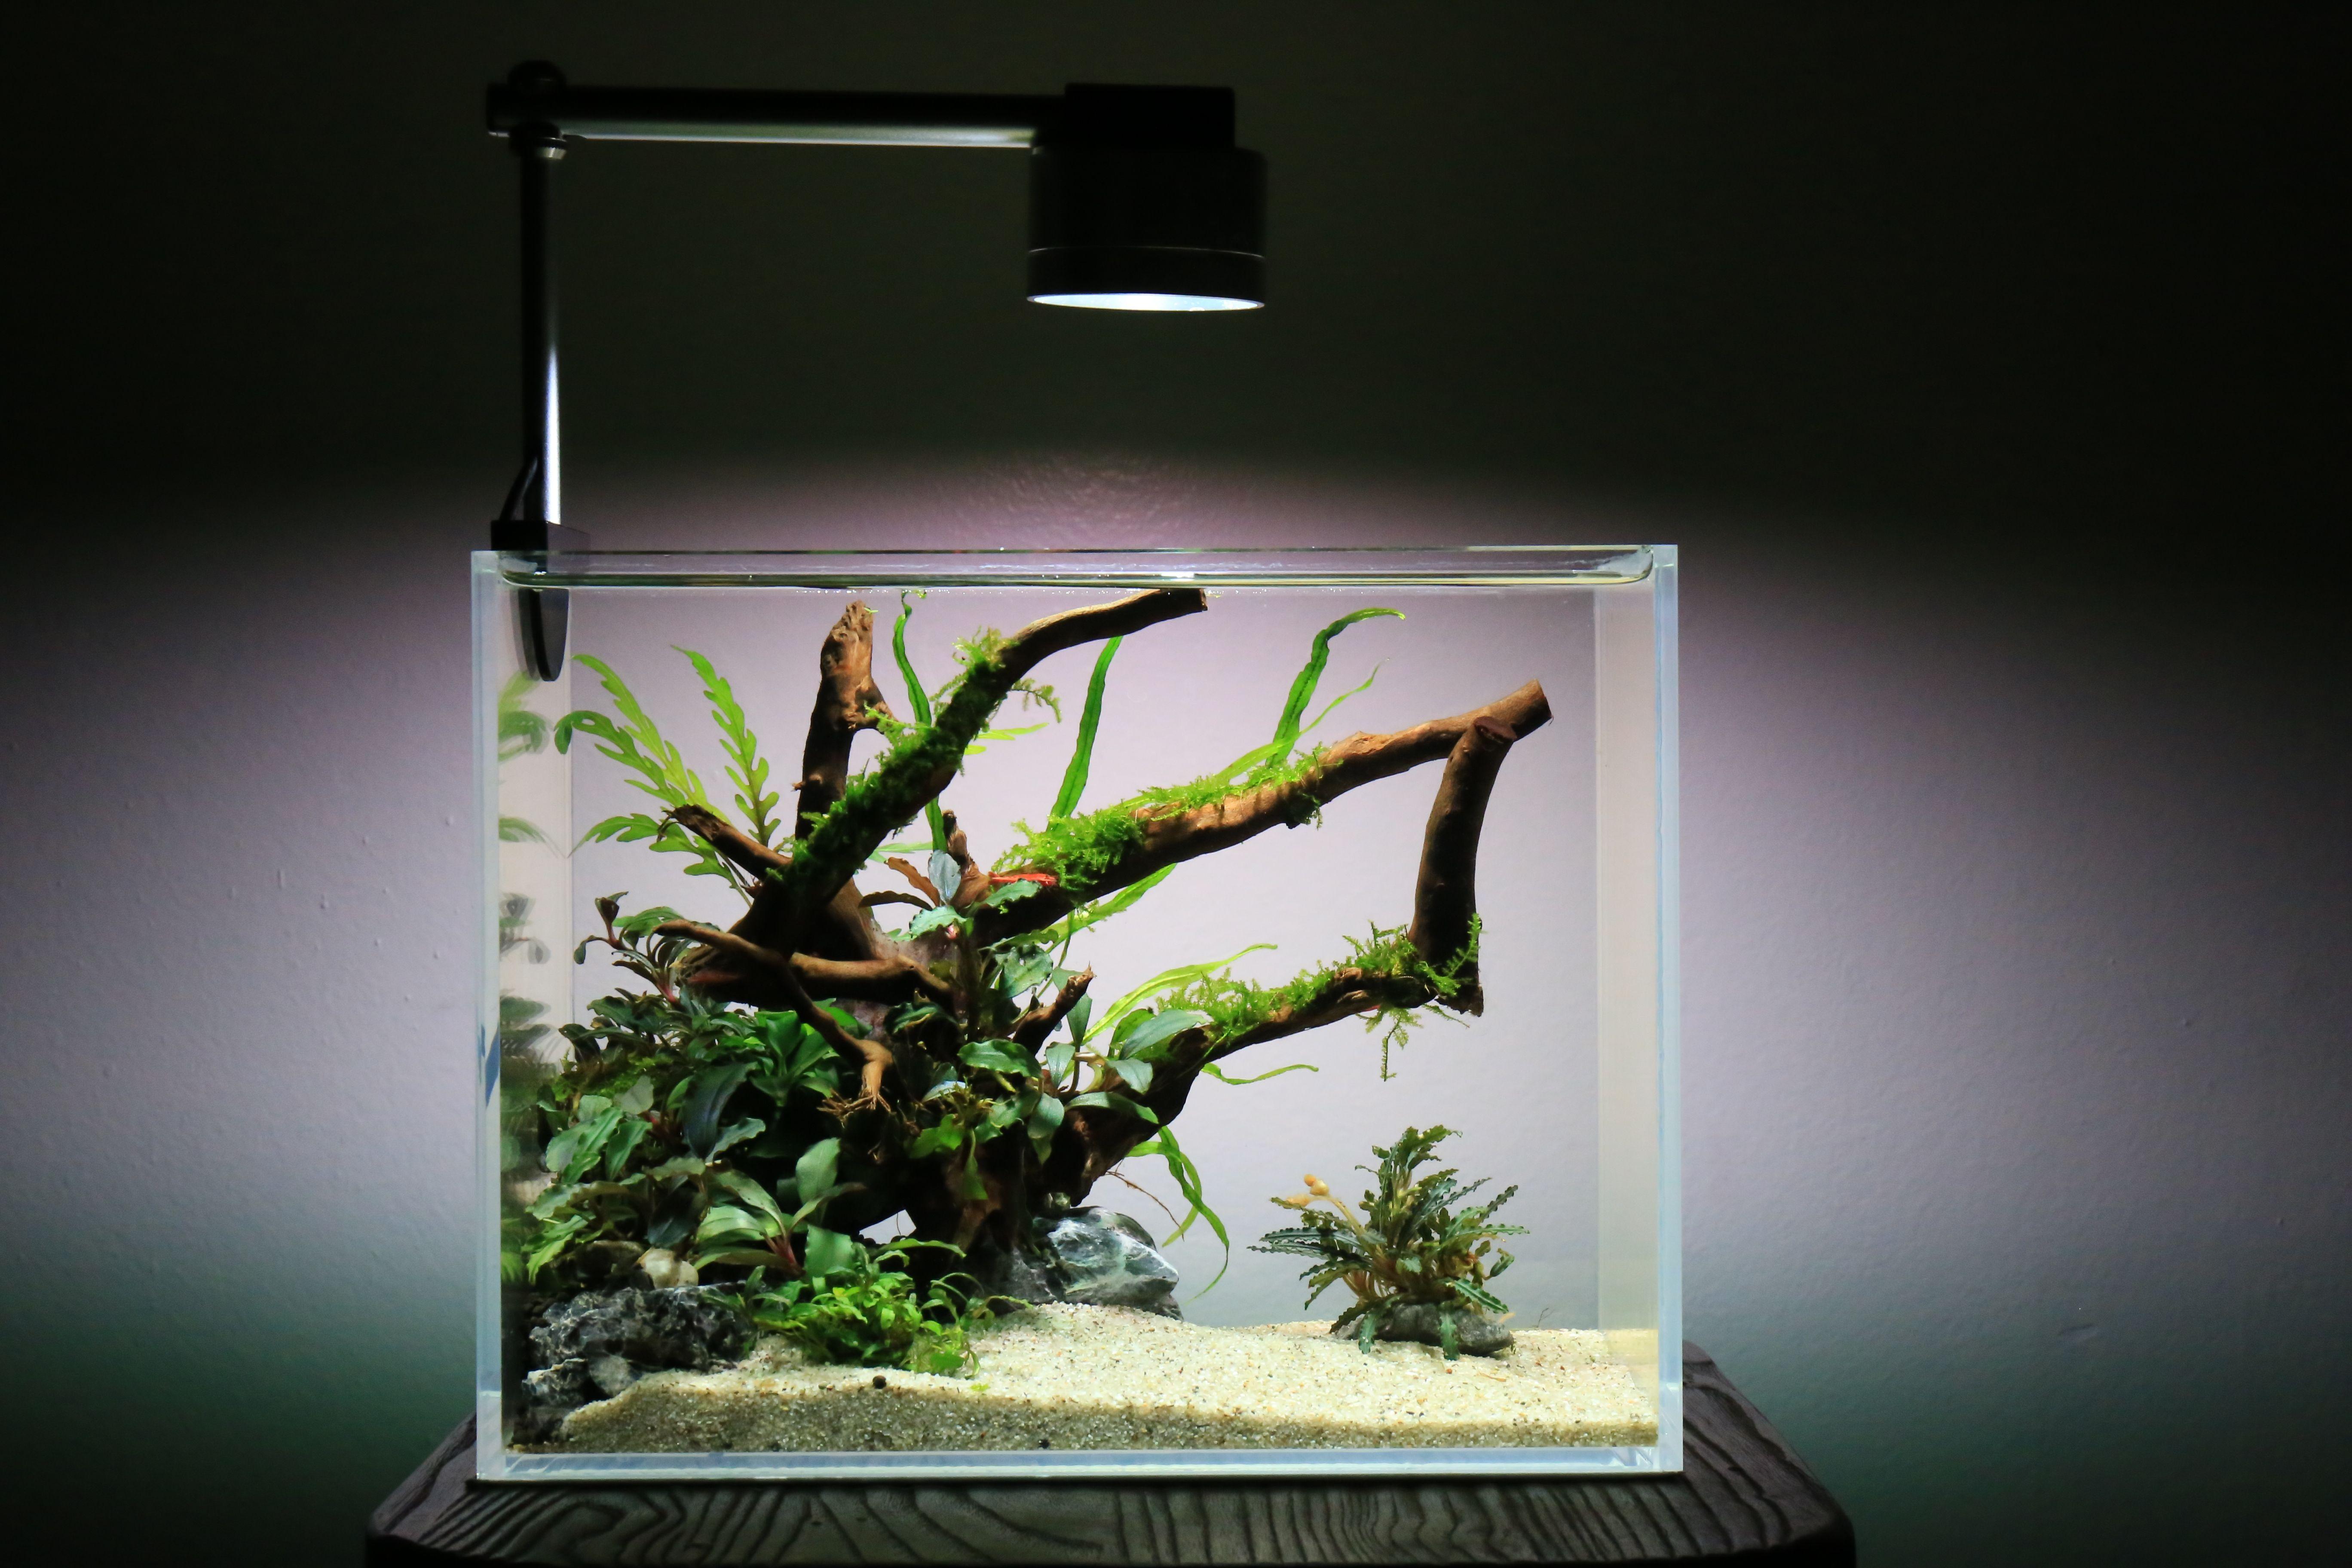 a66c36e2a70bdcbe8f2b84ae609b96ea Frais De Aquarium 450 Litres Des Idées